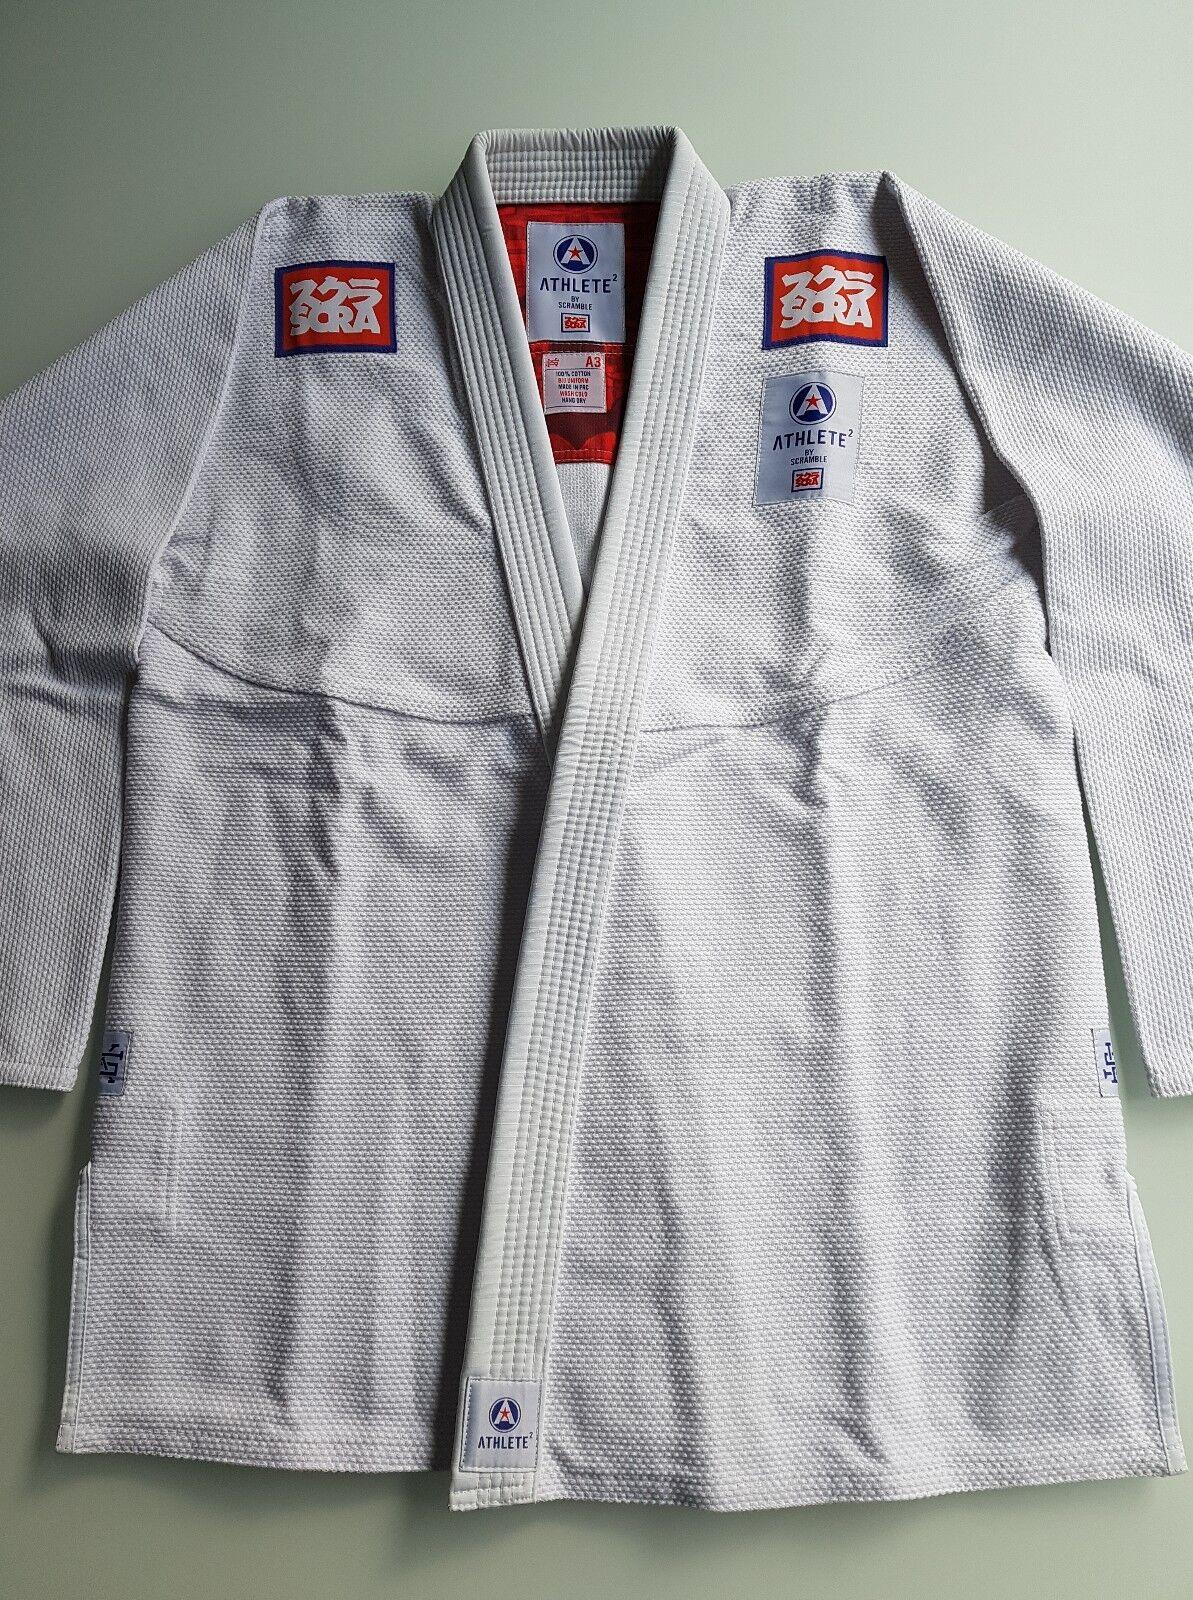 Scramble Athlete 2 BJJ, Gi   Kimono A3